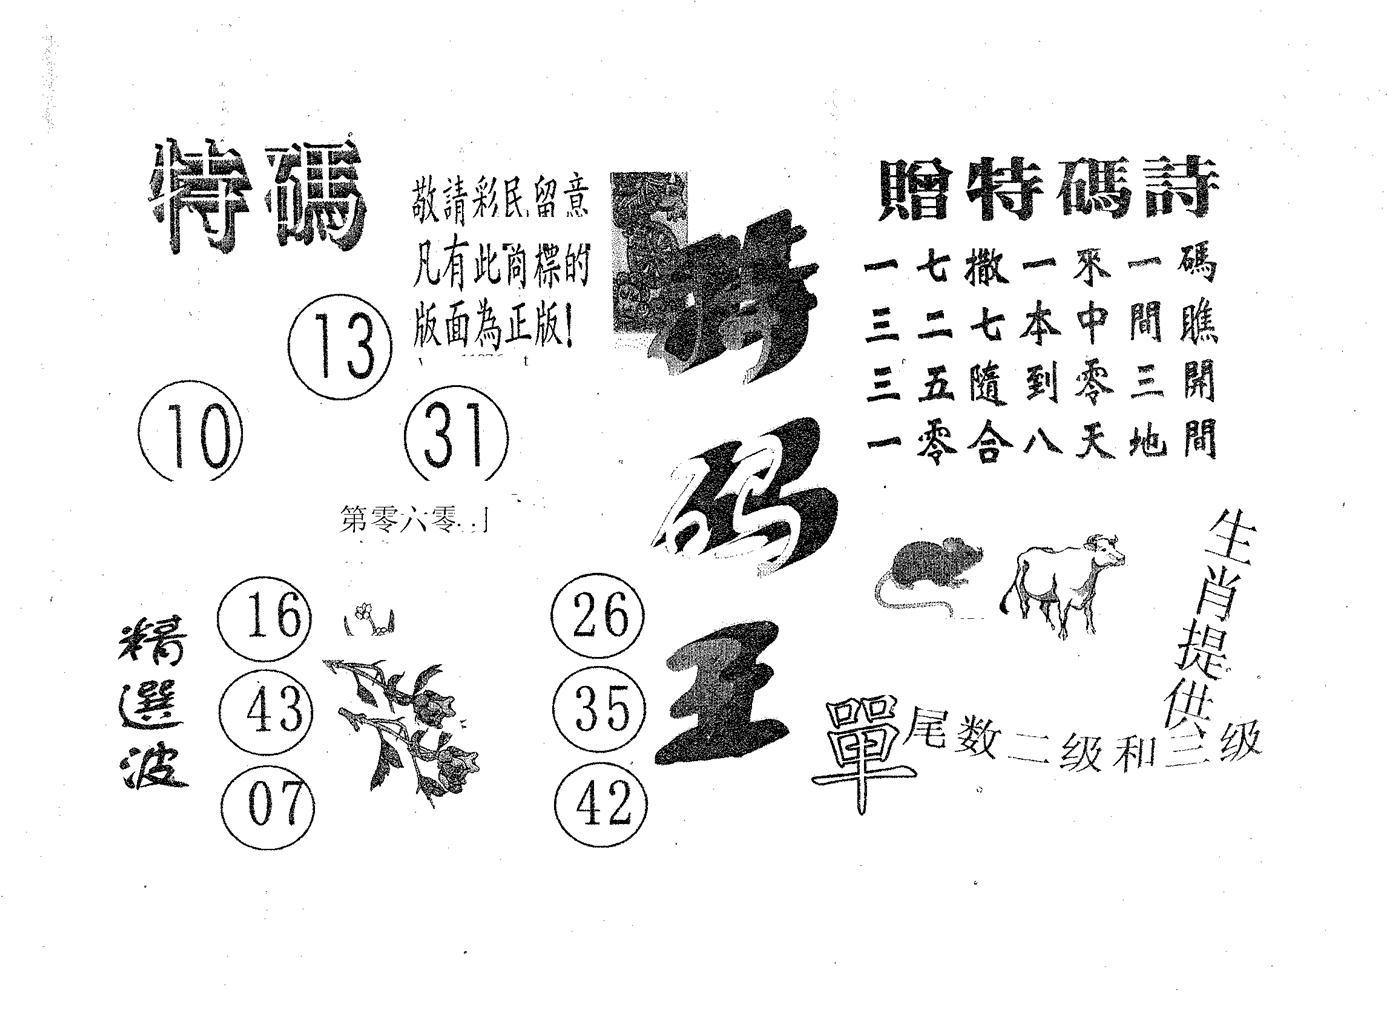 060期特码王A(黑白)